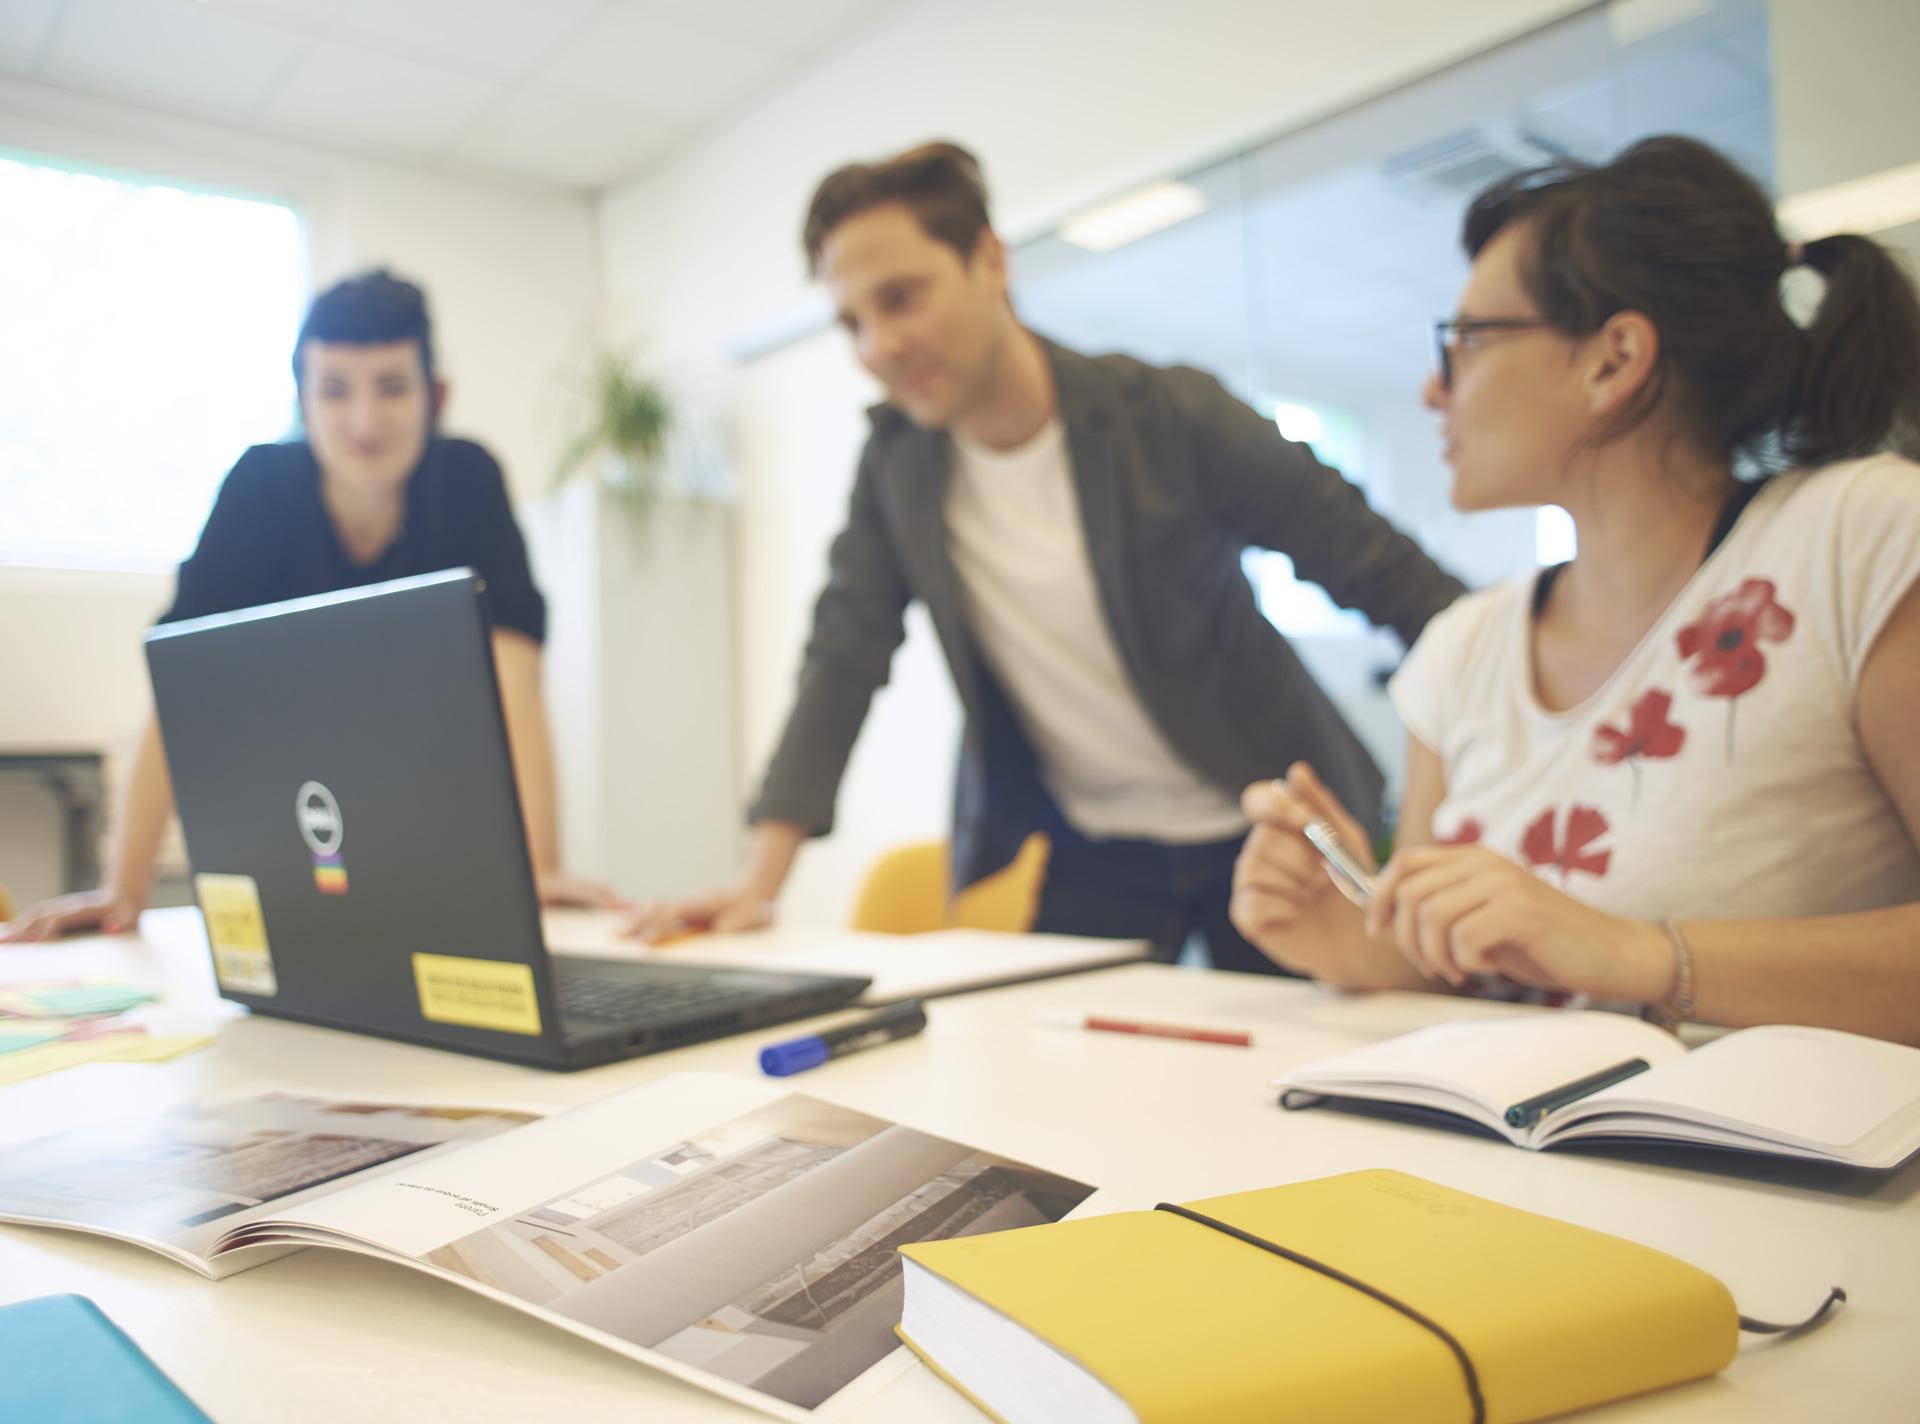 Foto emozionale per la voce Aziende, con un uomo in piedi, una donna in piedi ed una seduta attorno ad un PC | Fabbrica delle Idee | Coworking | Maniago